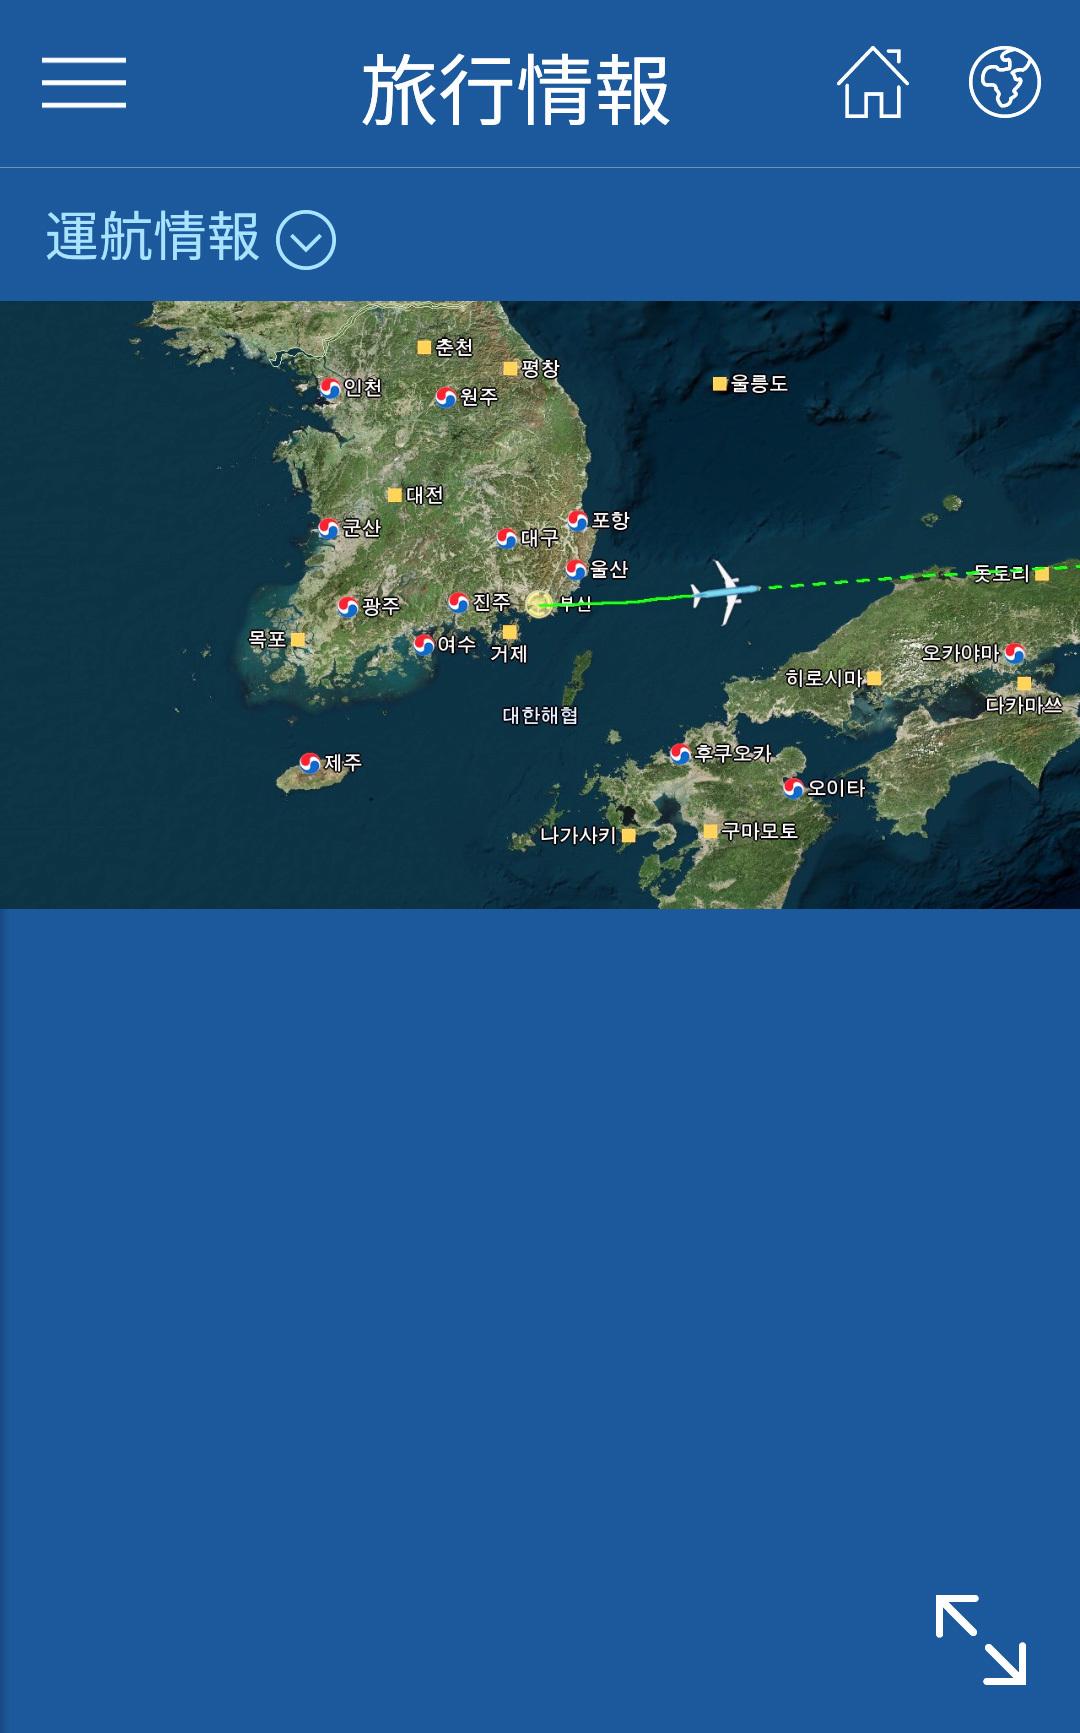 大韓航空 KE710便 羽田ー金浦 B777-300 と KE713便 釜山ー成田 A220-300 エコノミークラスの機内食と機材 2019年4月 ソウル・大田・釜山の旅(1)_f0117059_21201287.jpg